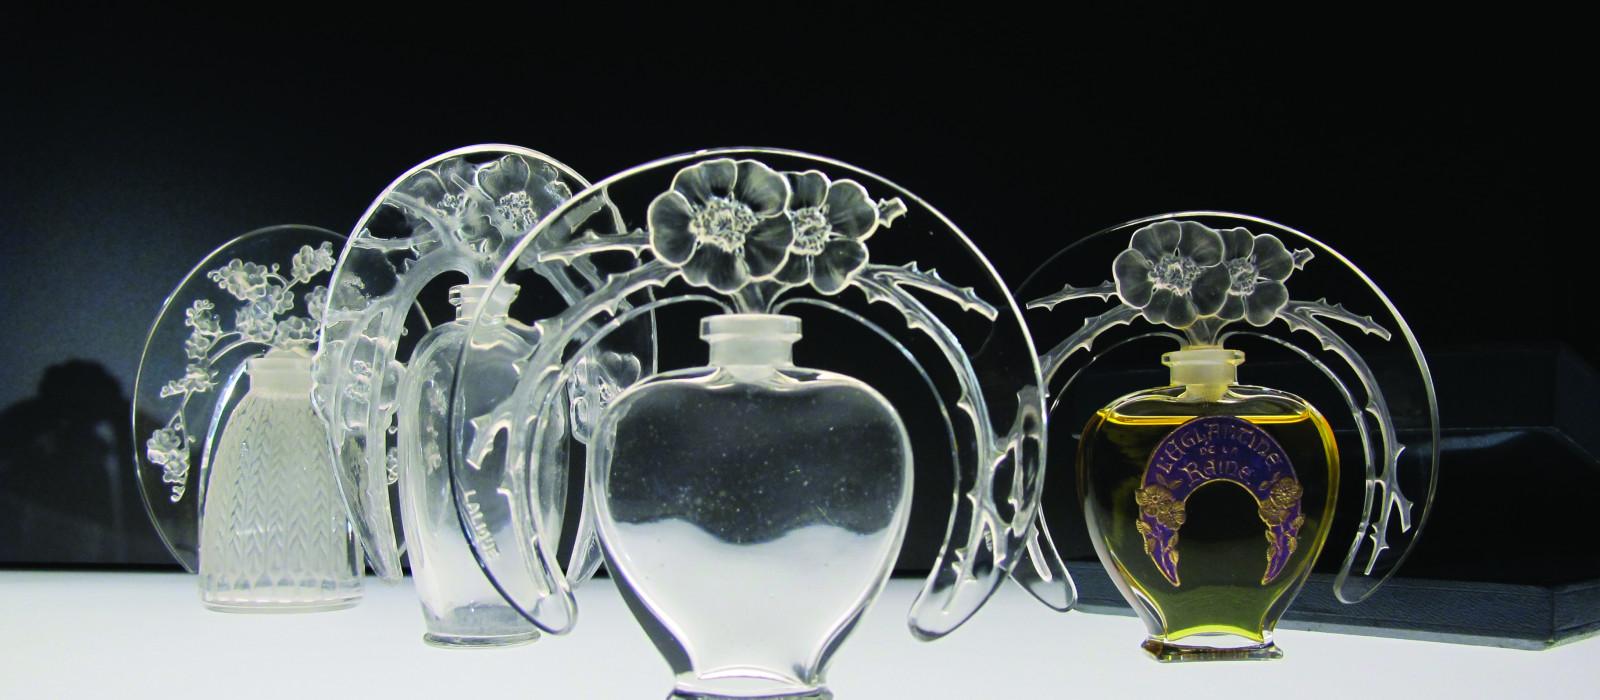 Le mus e lalique au royaume du verre et du cristal - Maison du verre et du cristal ...